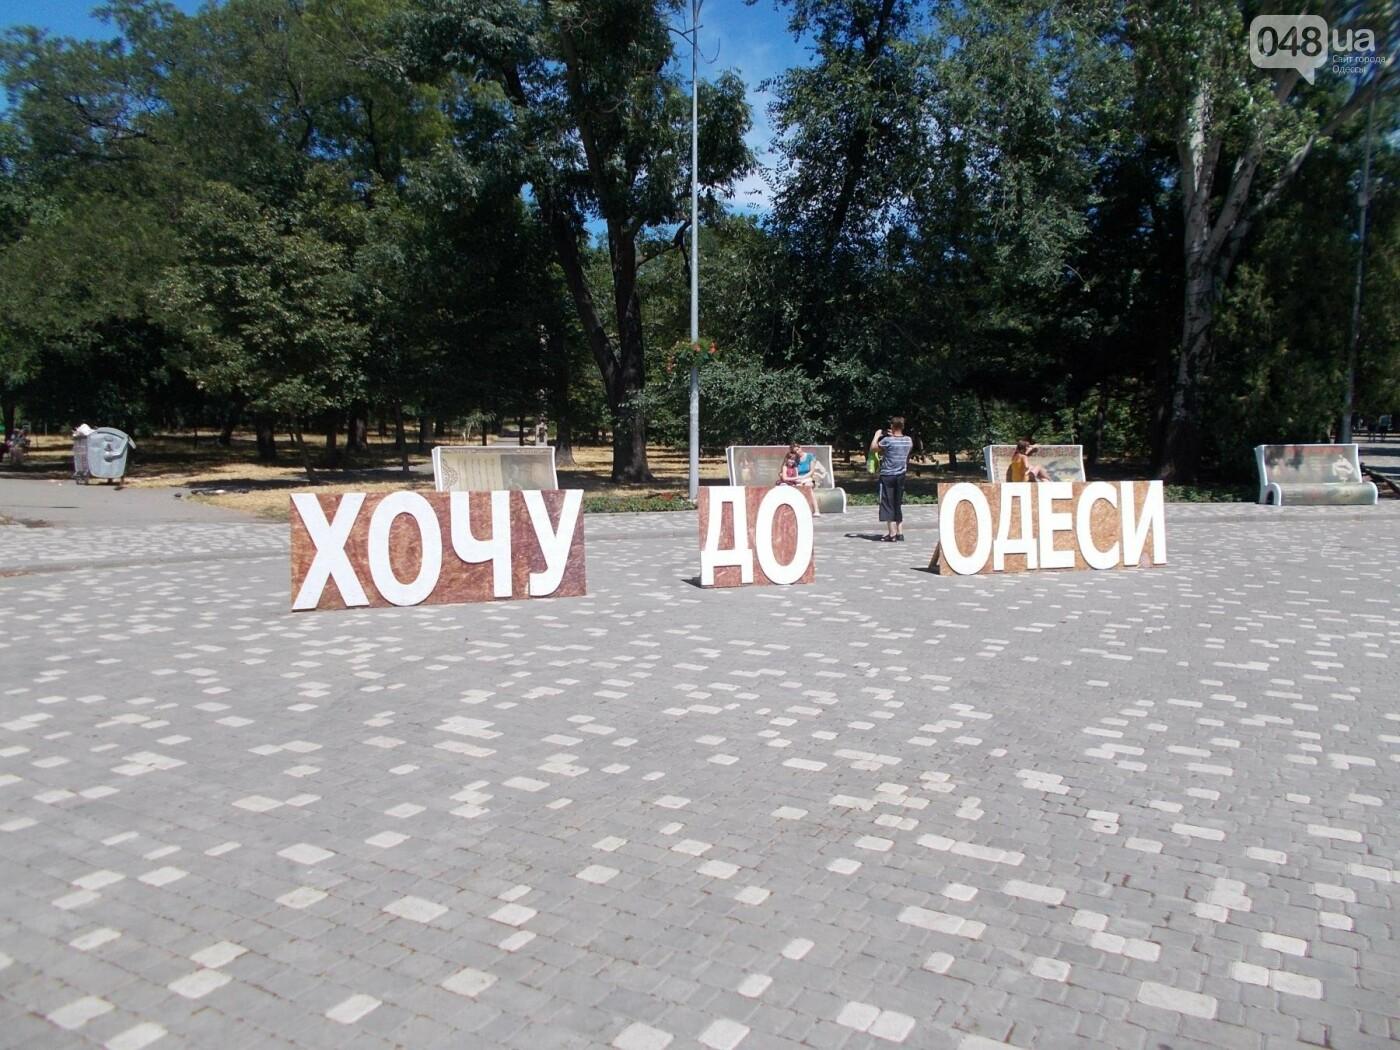 Лавка мастеров в разгаре в одесском парке Шевченко, - ФОТО, фото-1